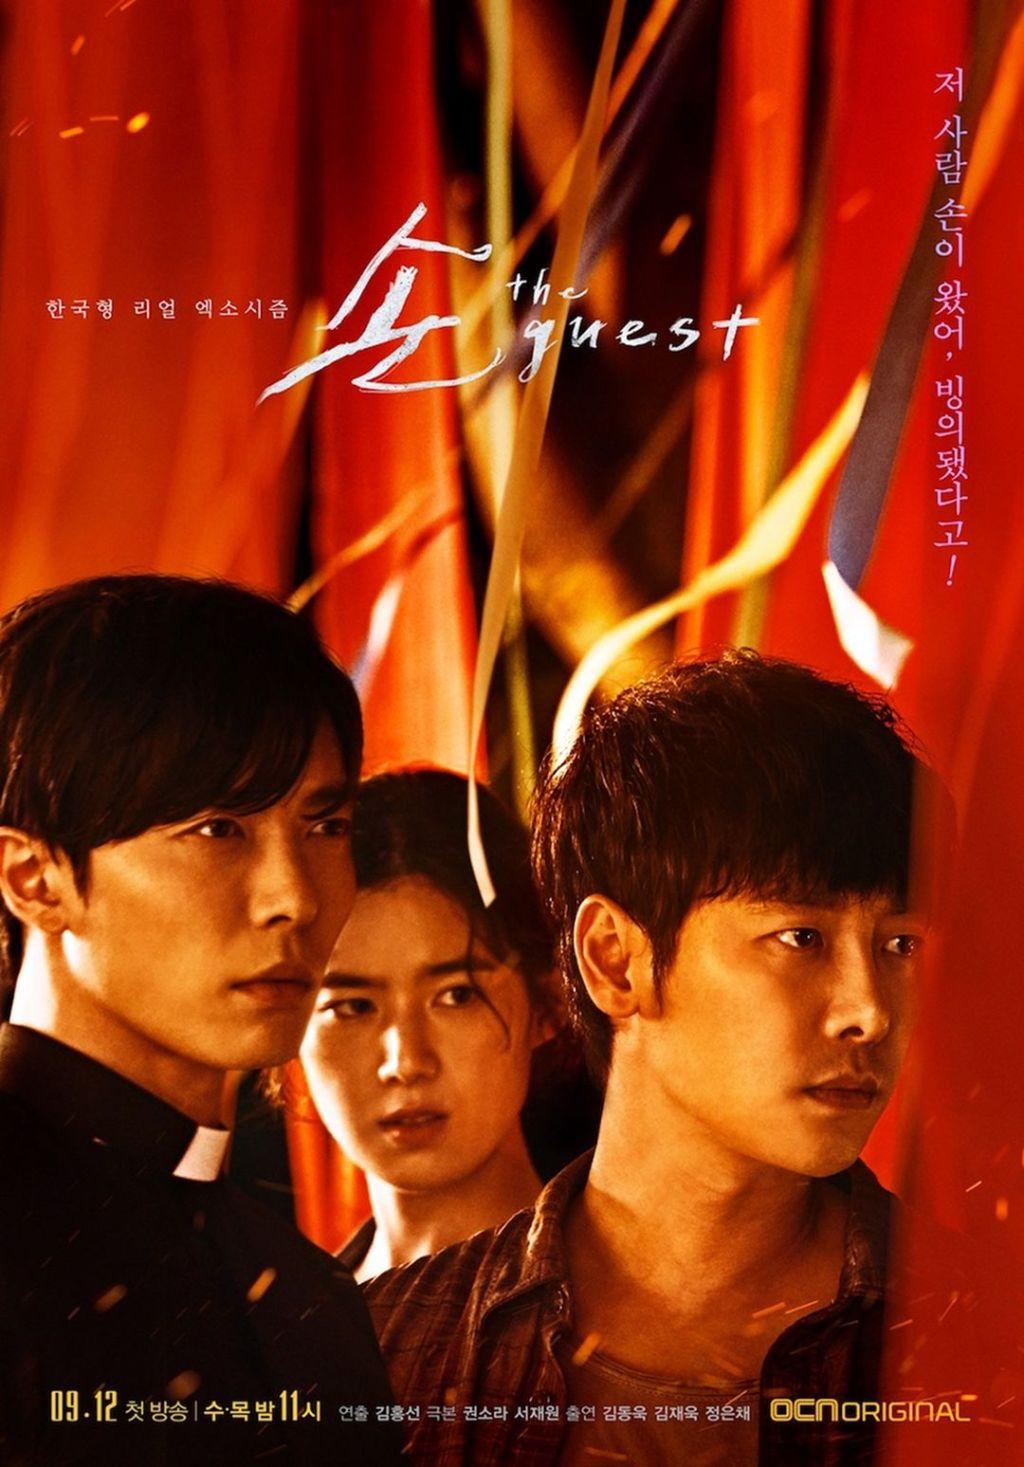 Sinopsis Dan Profil Lengkap Pemeran Drama Misteri Supranatural Hand: The Guest (2018)